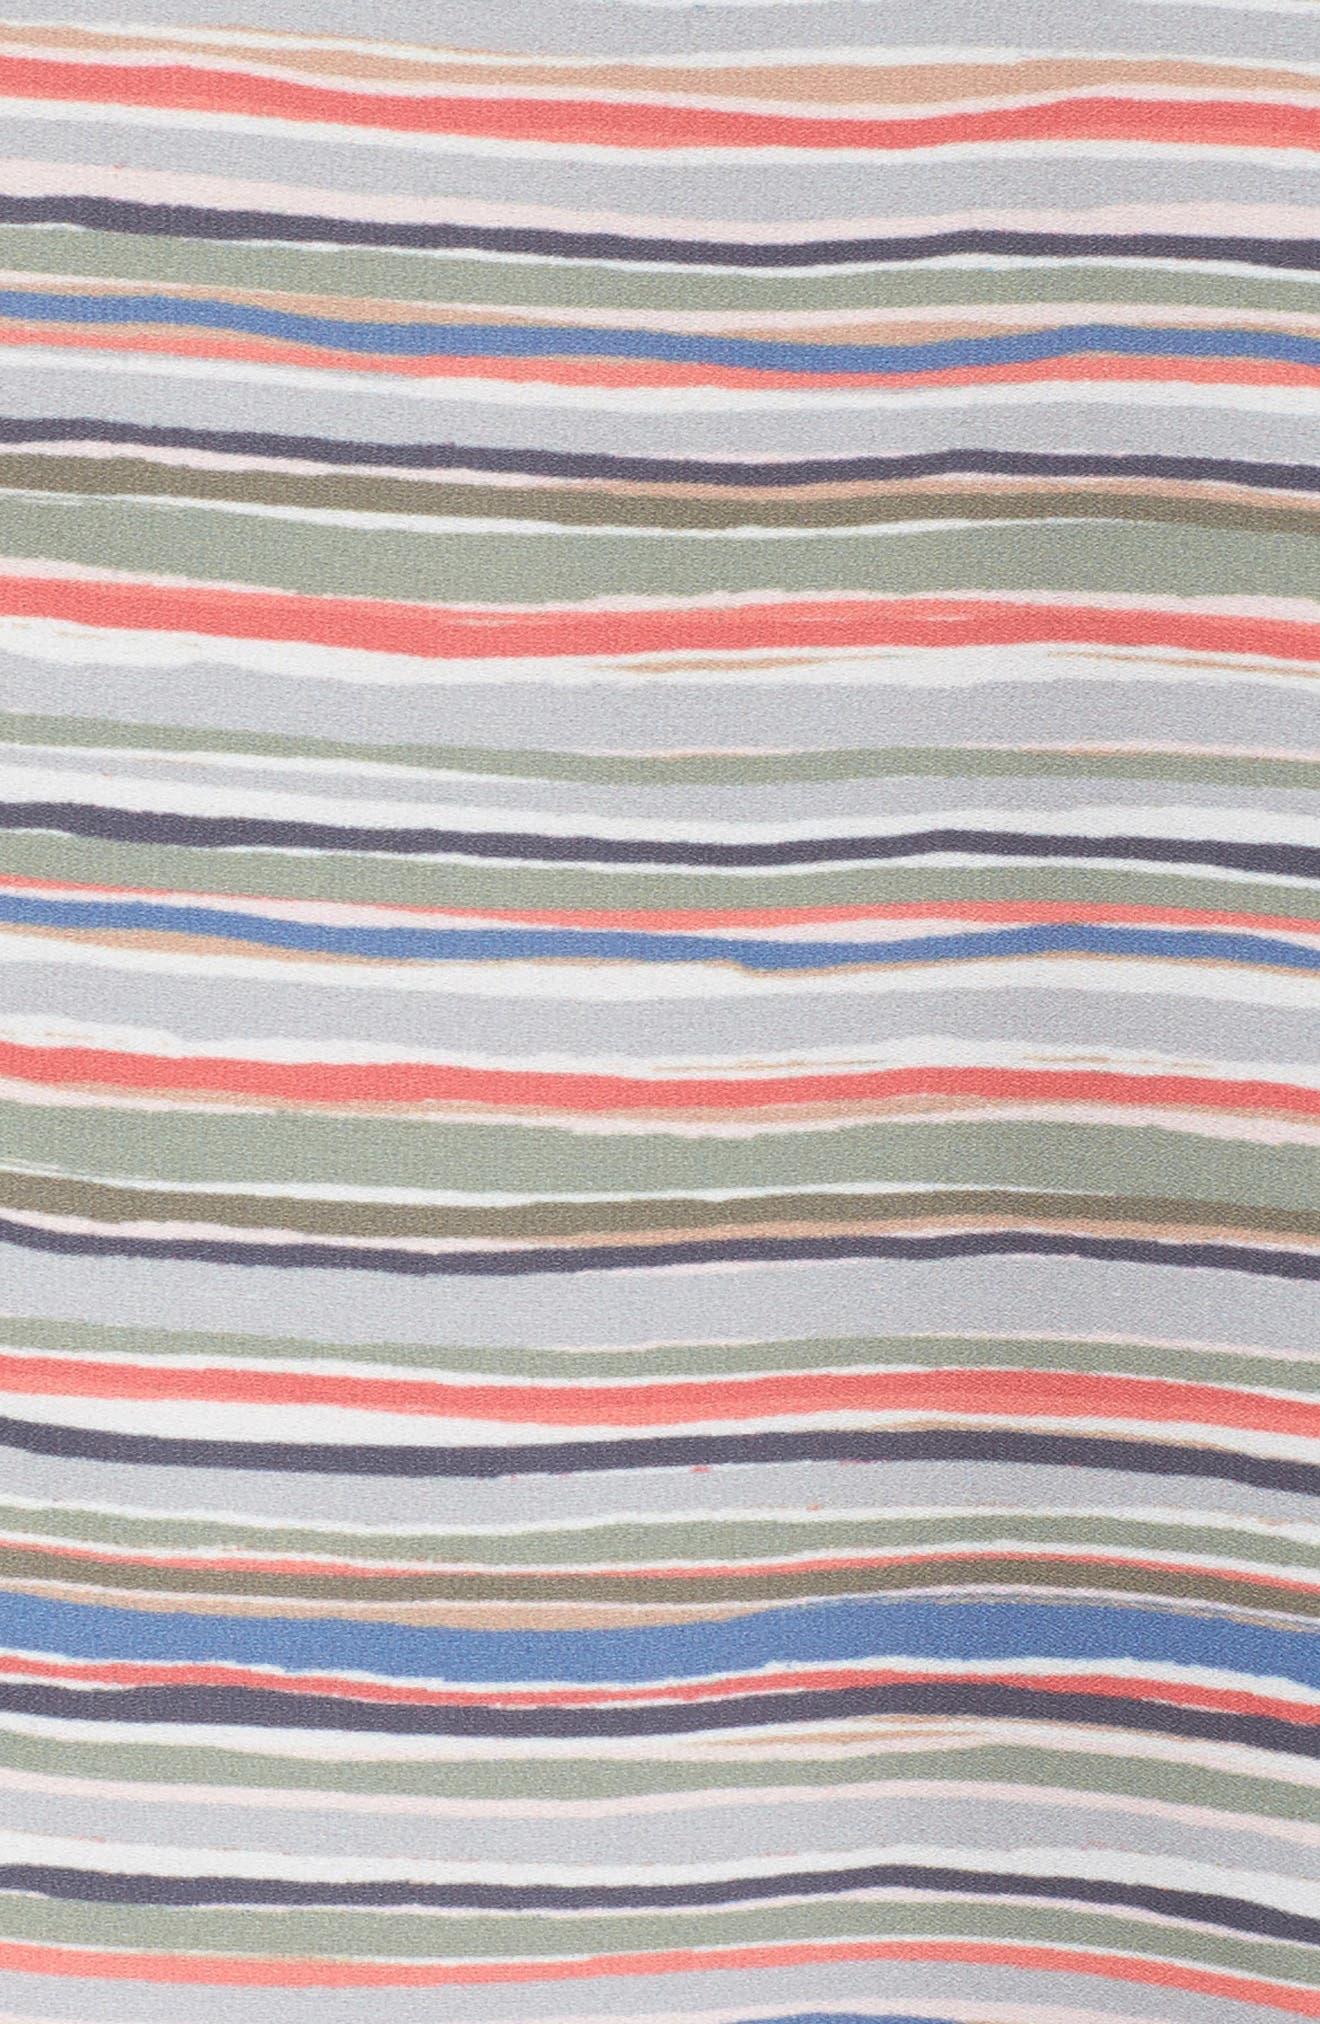 Cabana Stripe Tank,                             Alternate thumbnail 5, color,                             609